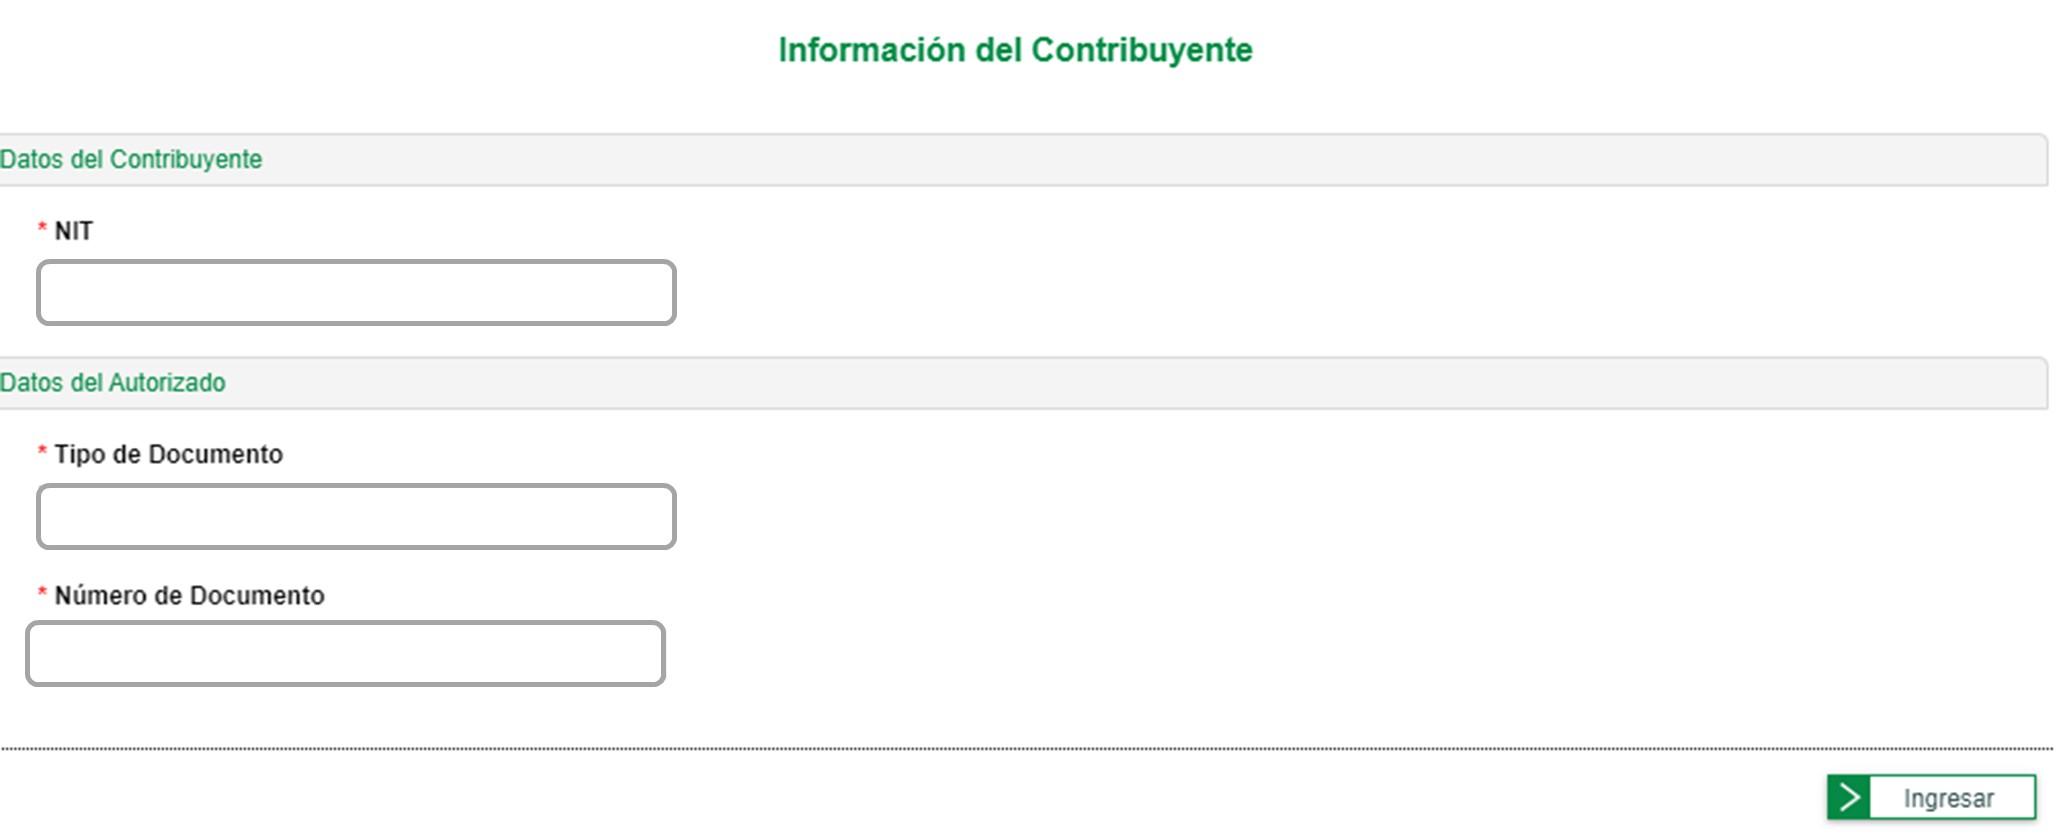 información del contribuyente para solicitud de numeración